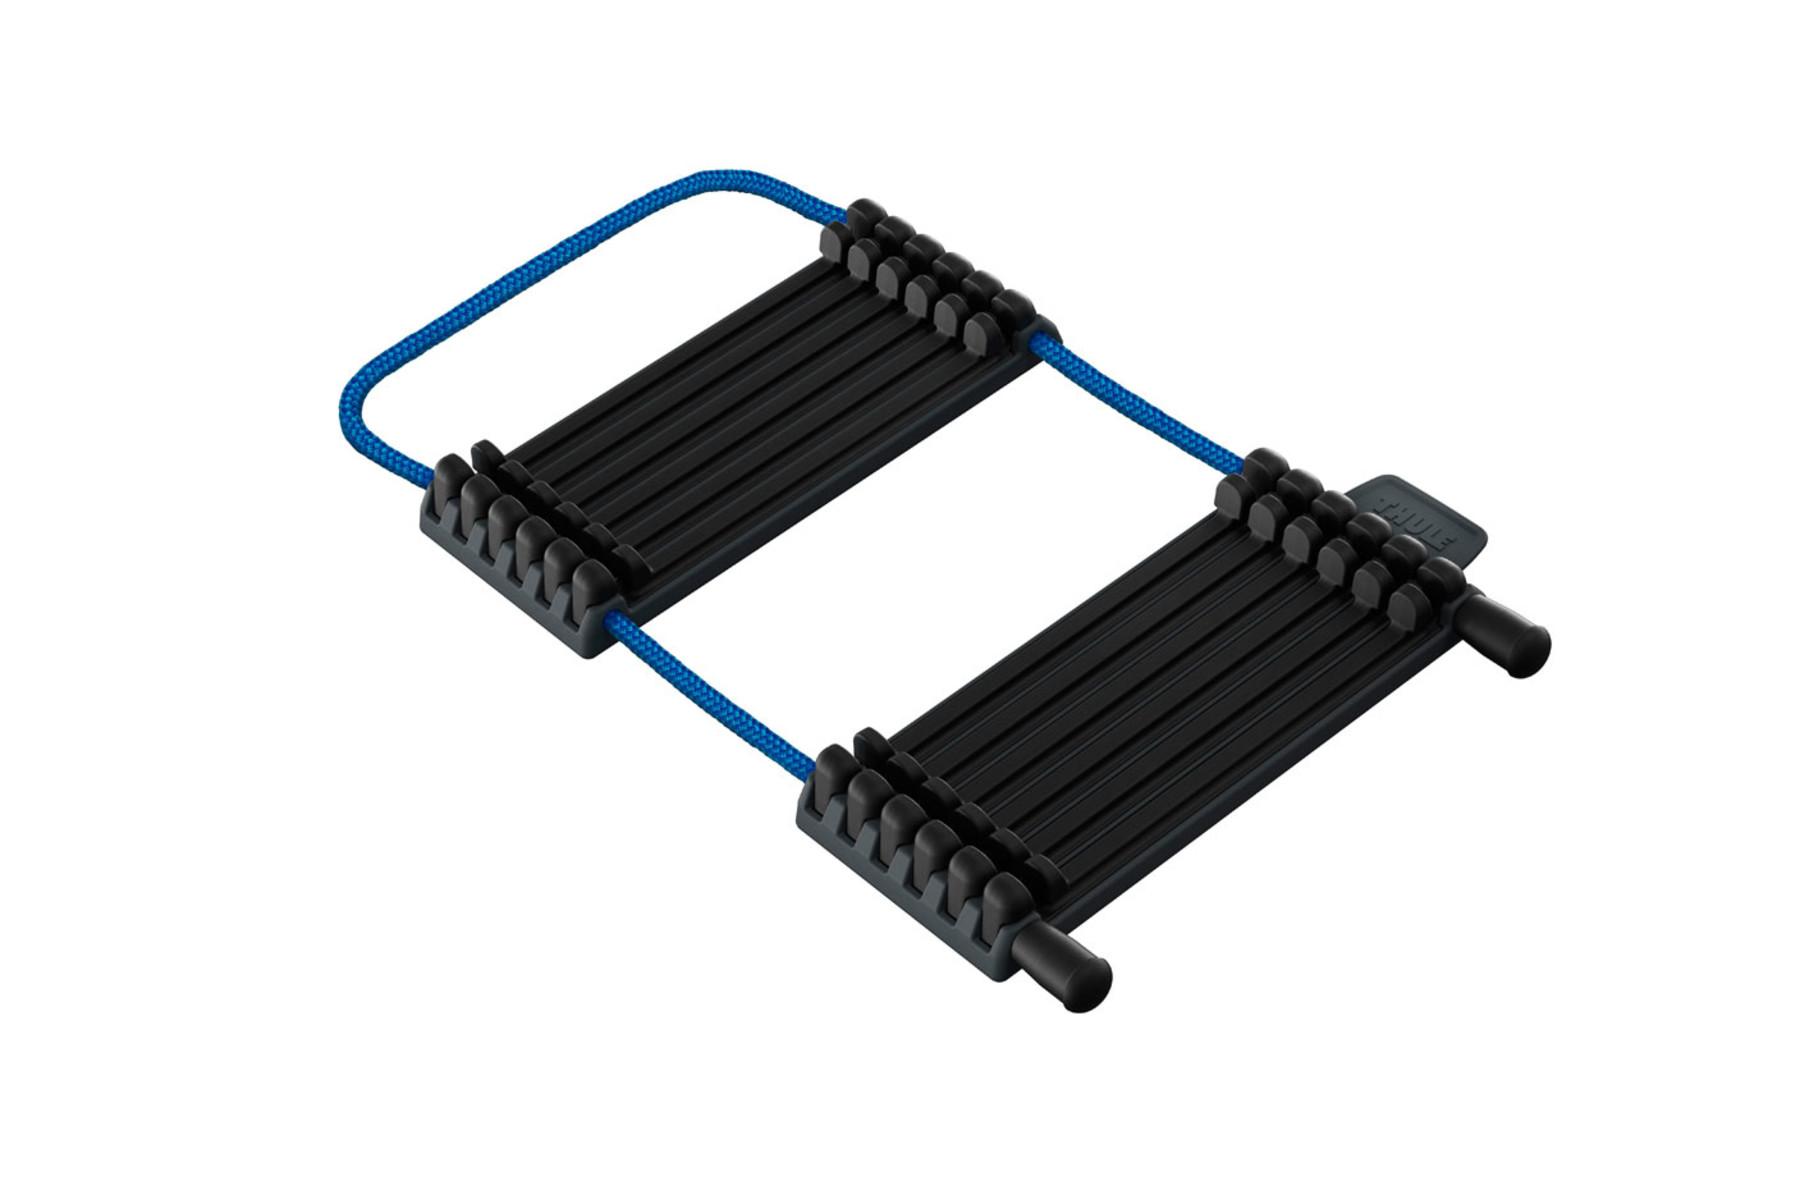 Thule 984 - Thule Carbon Frame Protector - Переходник для бережной транспортировки велосипеда с карбоновой рамой в велокреплении